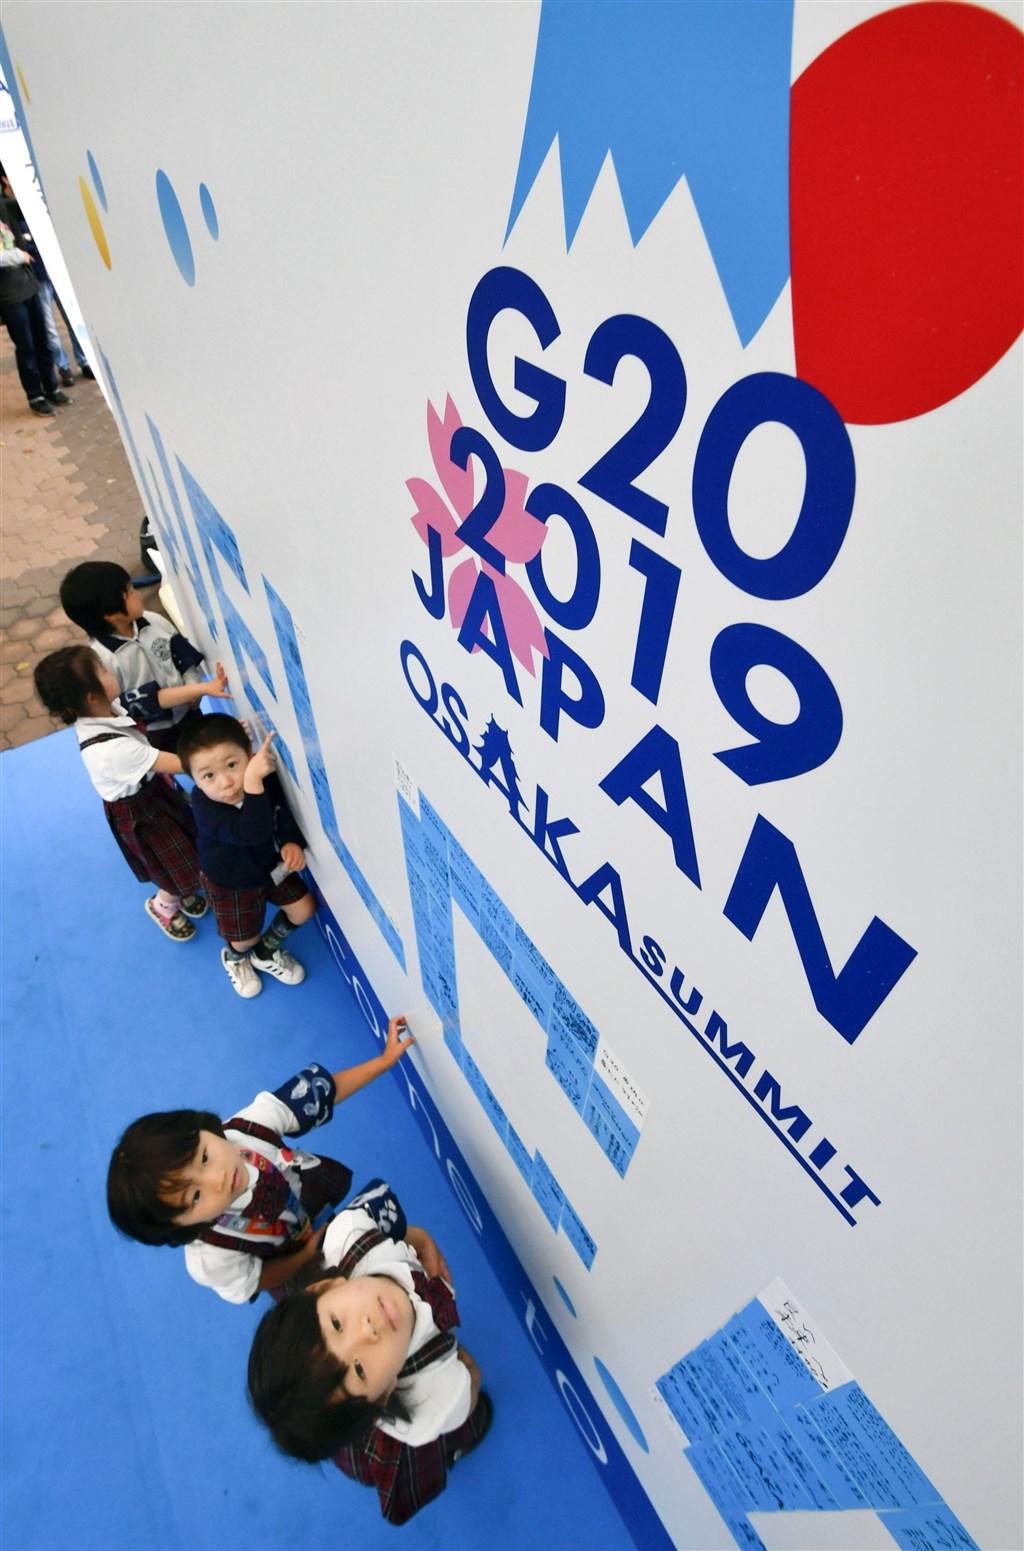 20國集團峰會28日起在日本大阪登場,全球領袖將在會議中討論全球貿易、地緣政治熱點、歐洲聯盟執行委員會主席人選等議題。(檔案照片/共同社提供)